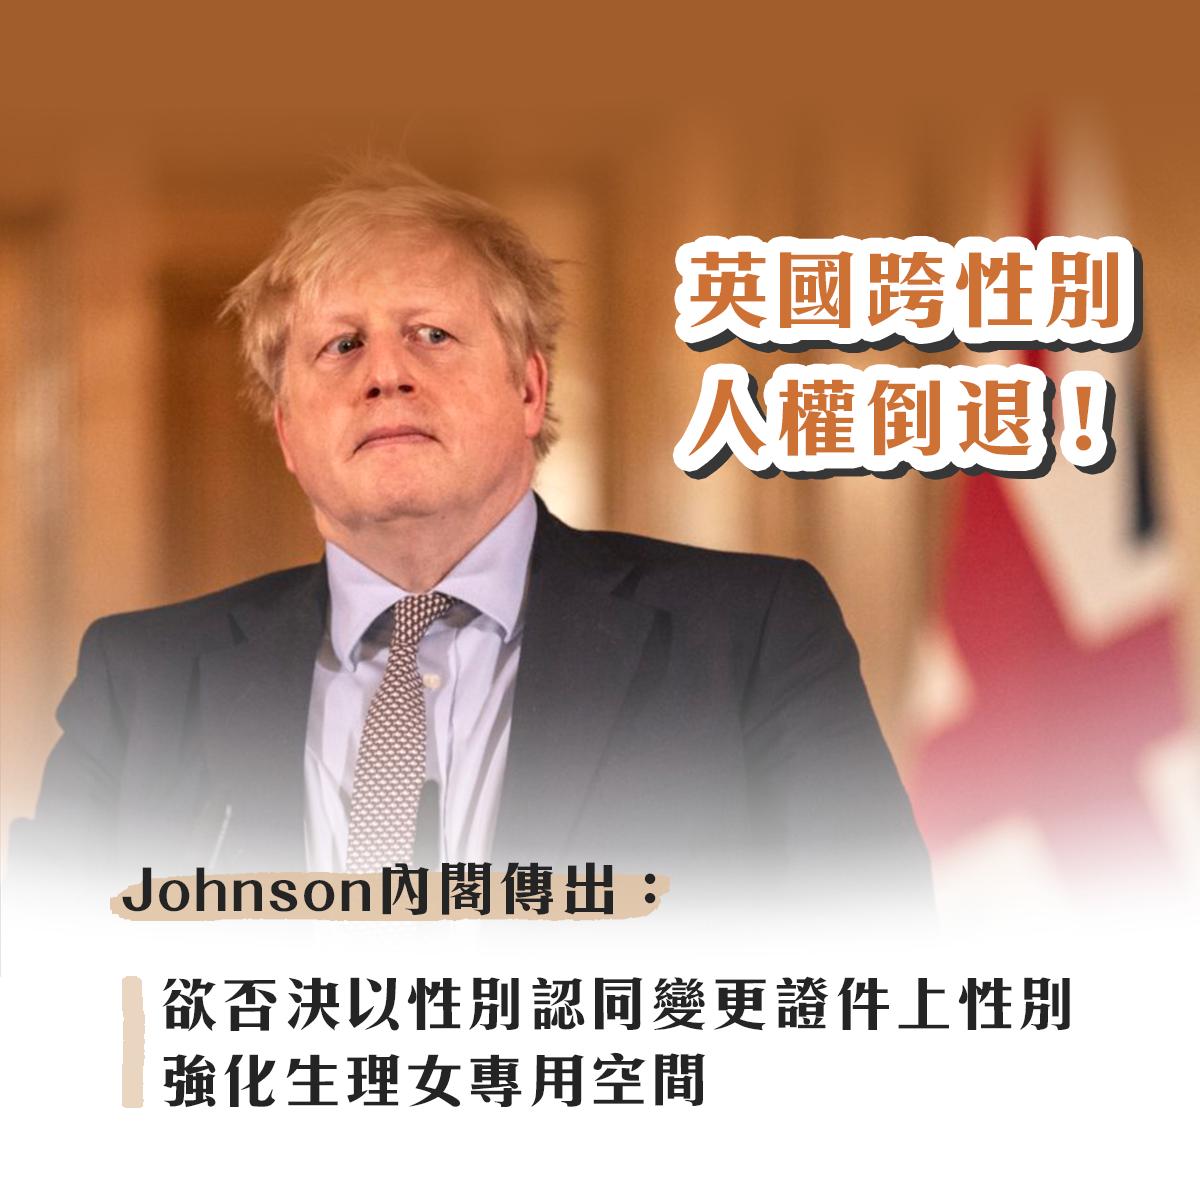 英國「自我宣稱」換證 恐難實踐